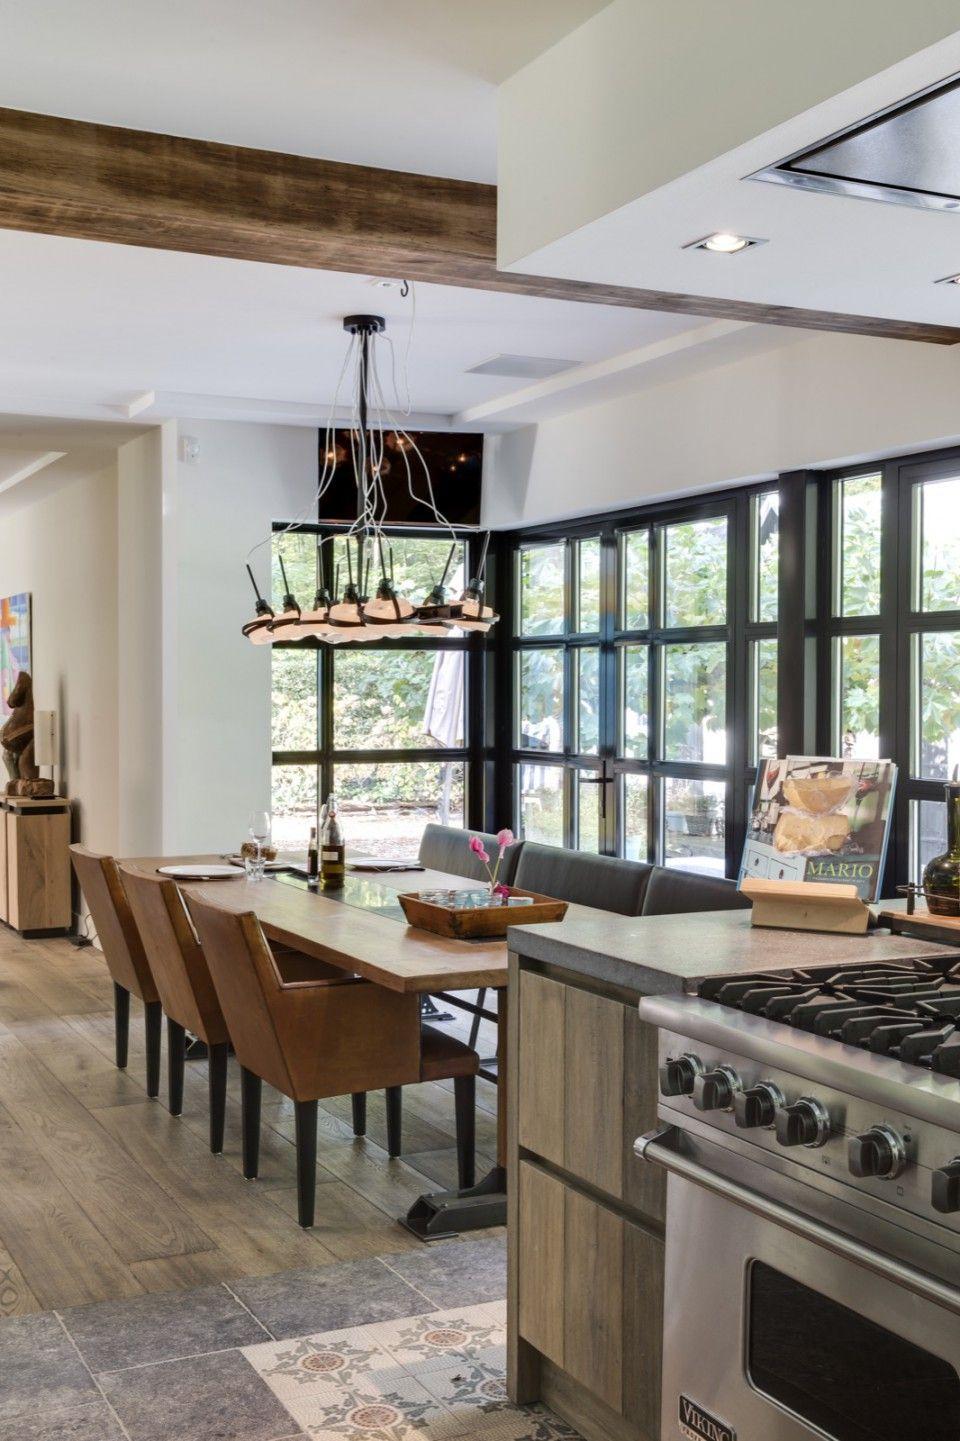 Villa De Luxe Interieur exclusieve villa met luxe interieur | heart of the house | pinterest